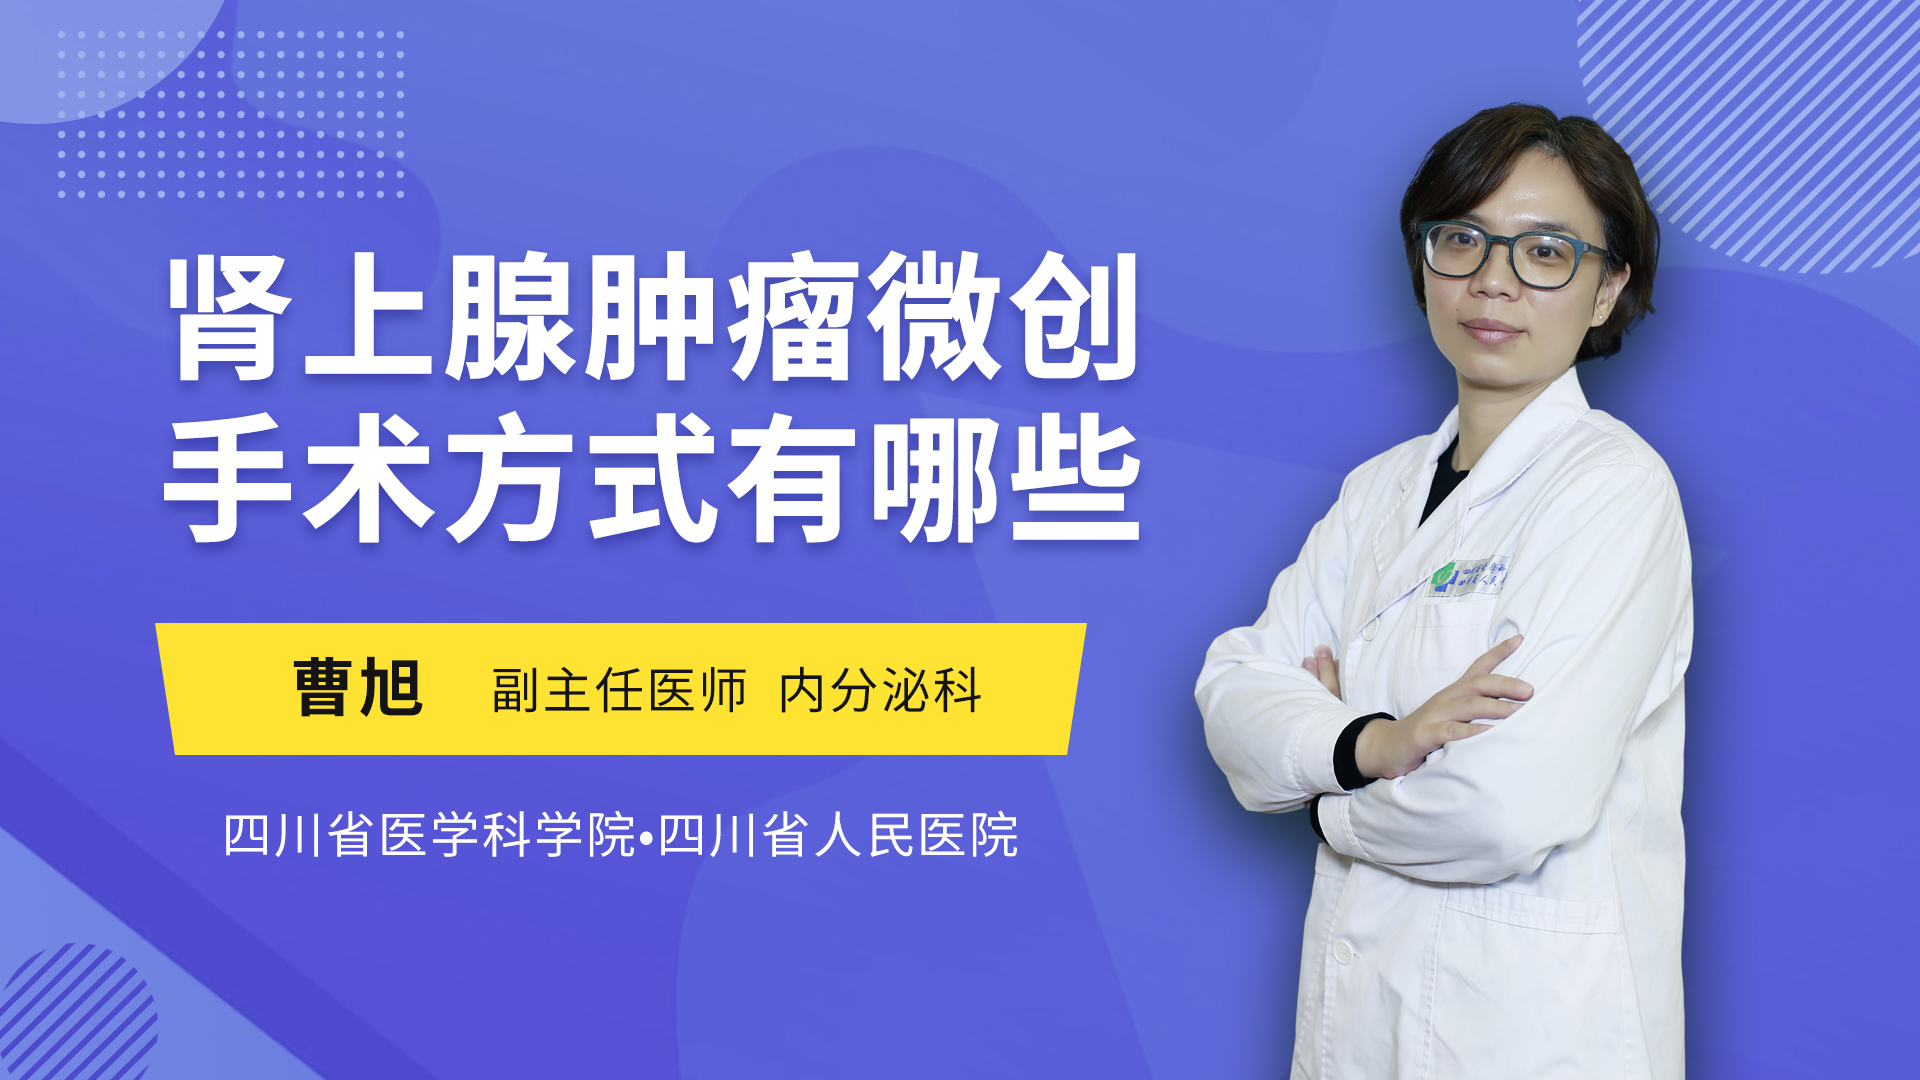 肾上腺肿瘤微创手术方式有哪些